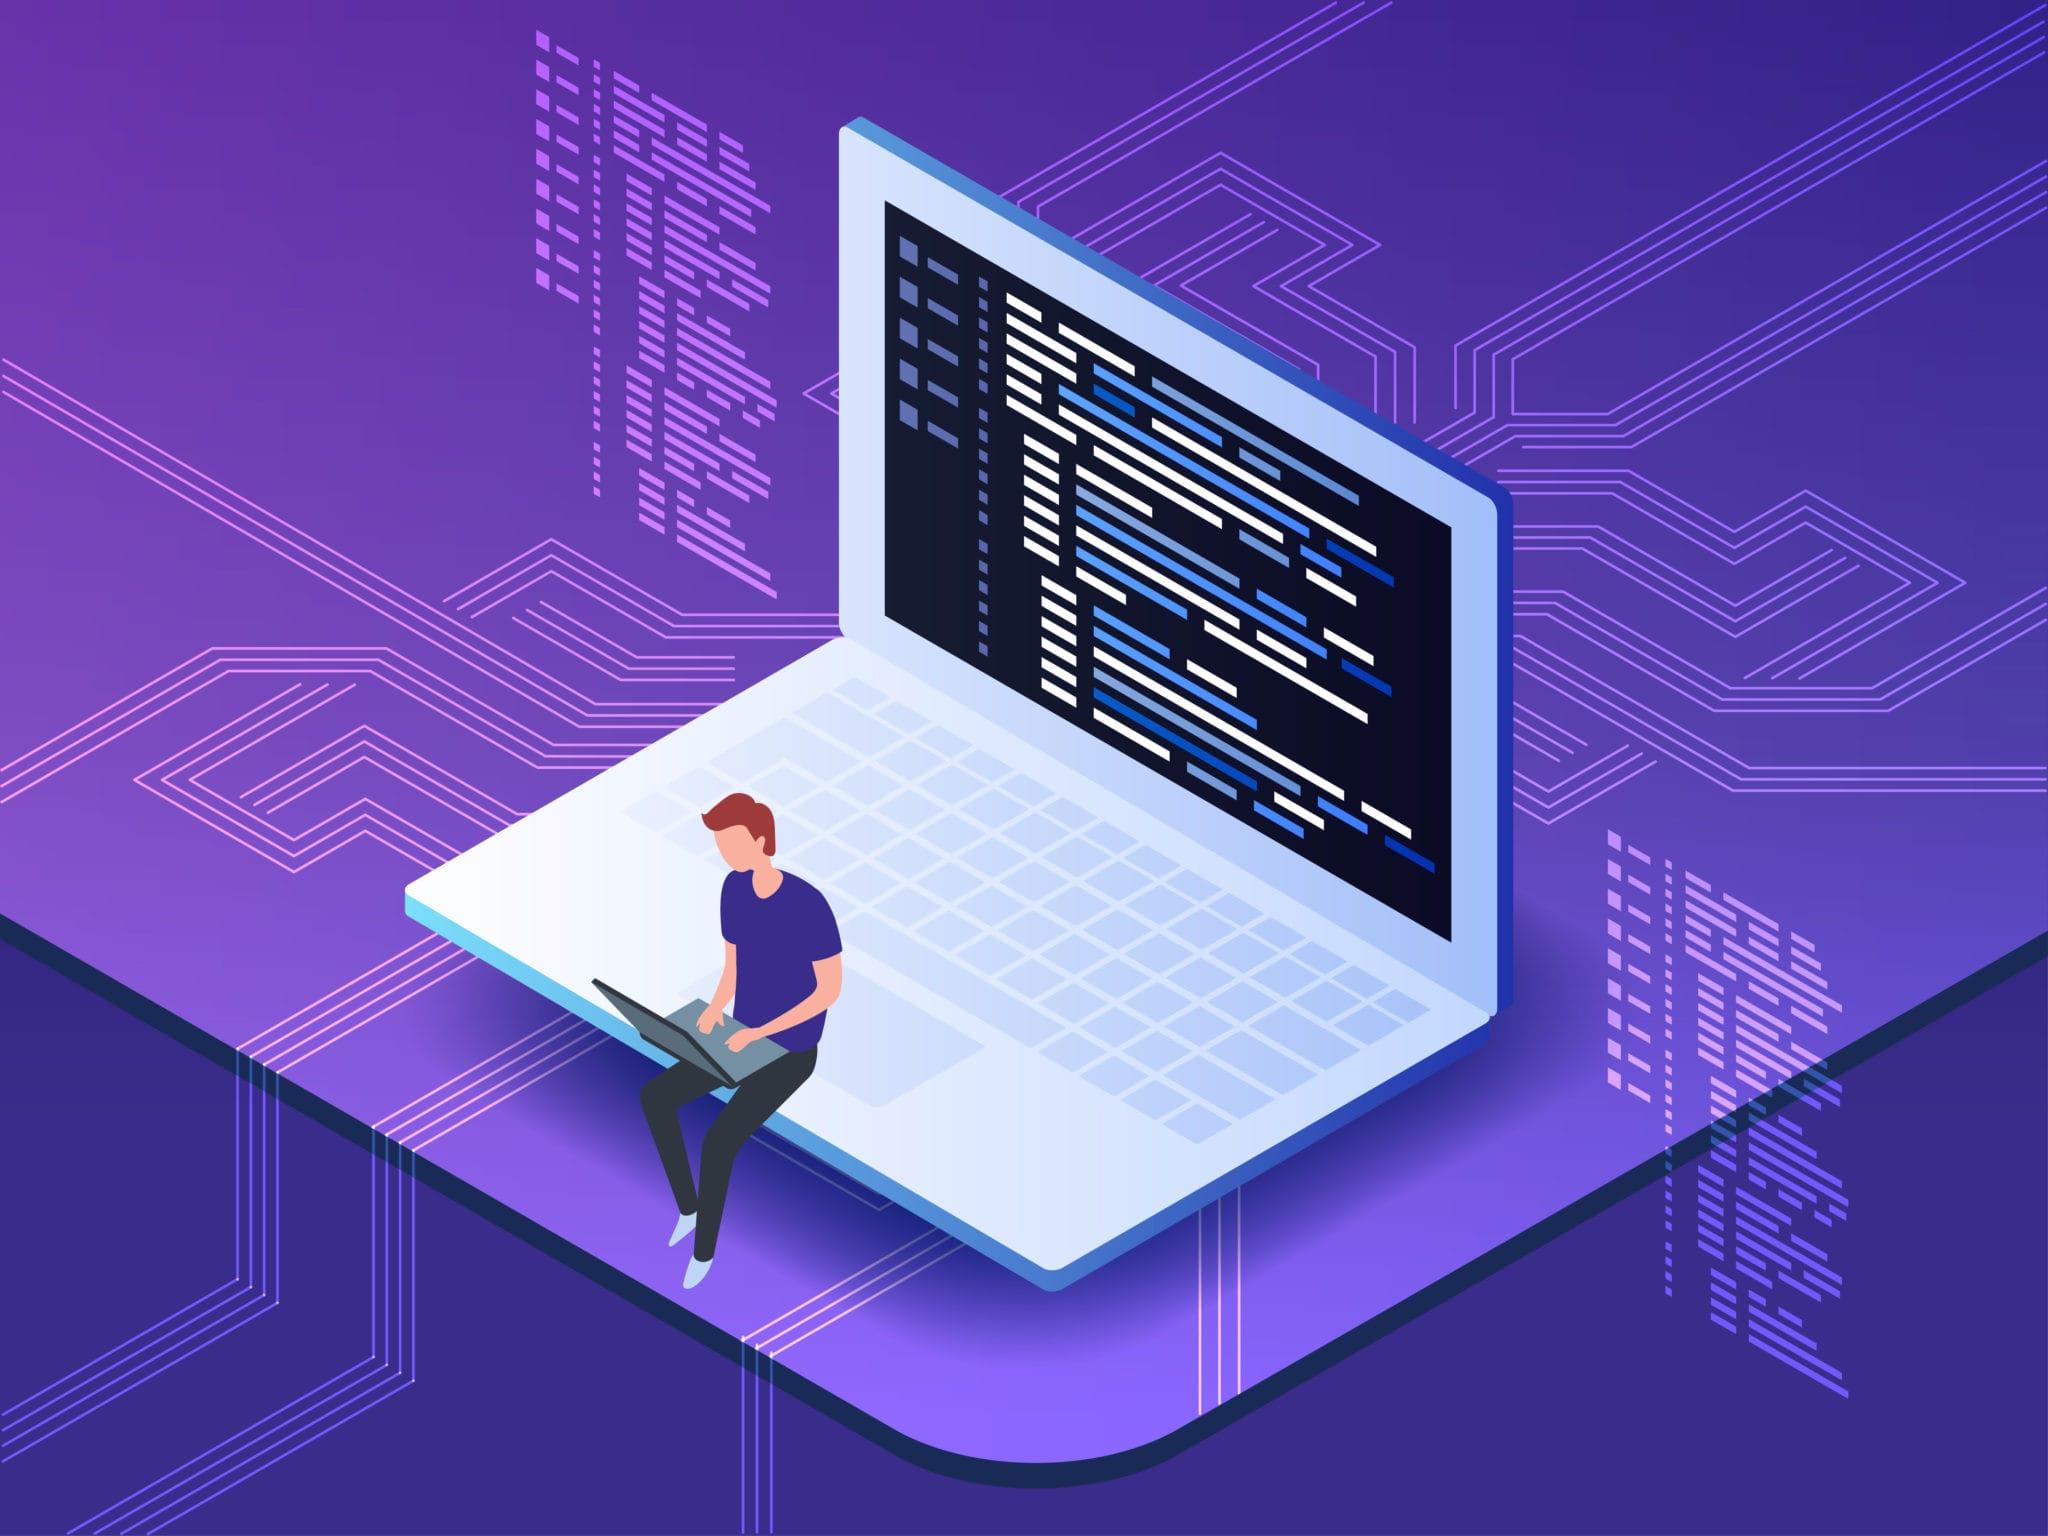 Ngôn ngữ lập trình plc là gì? Các ngôn ngữ lập trình plc phổ biến nhất hiện nay